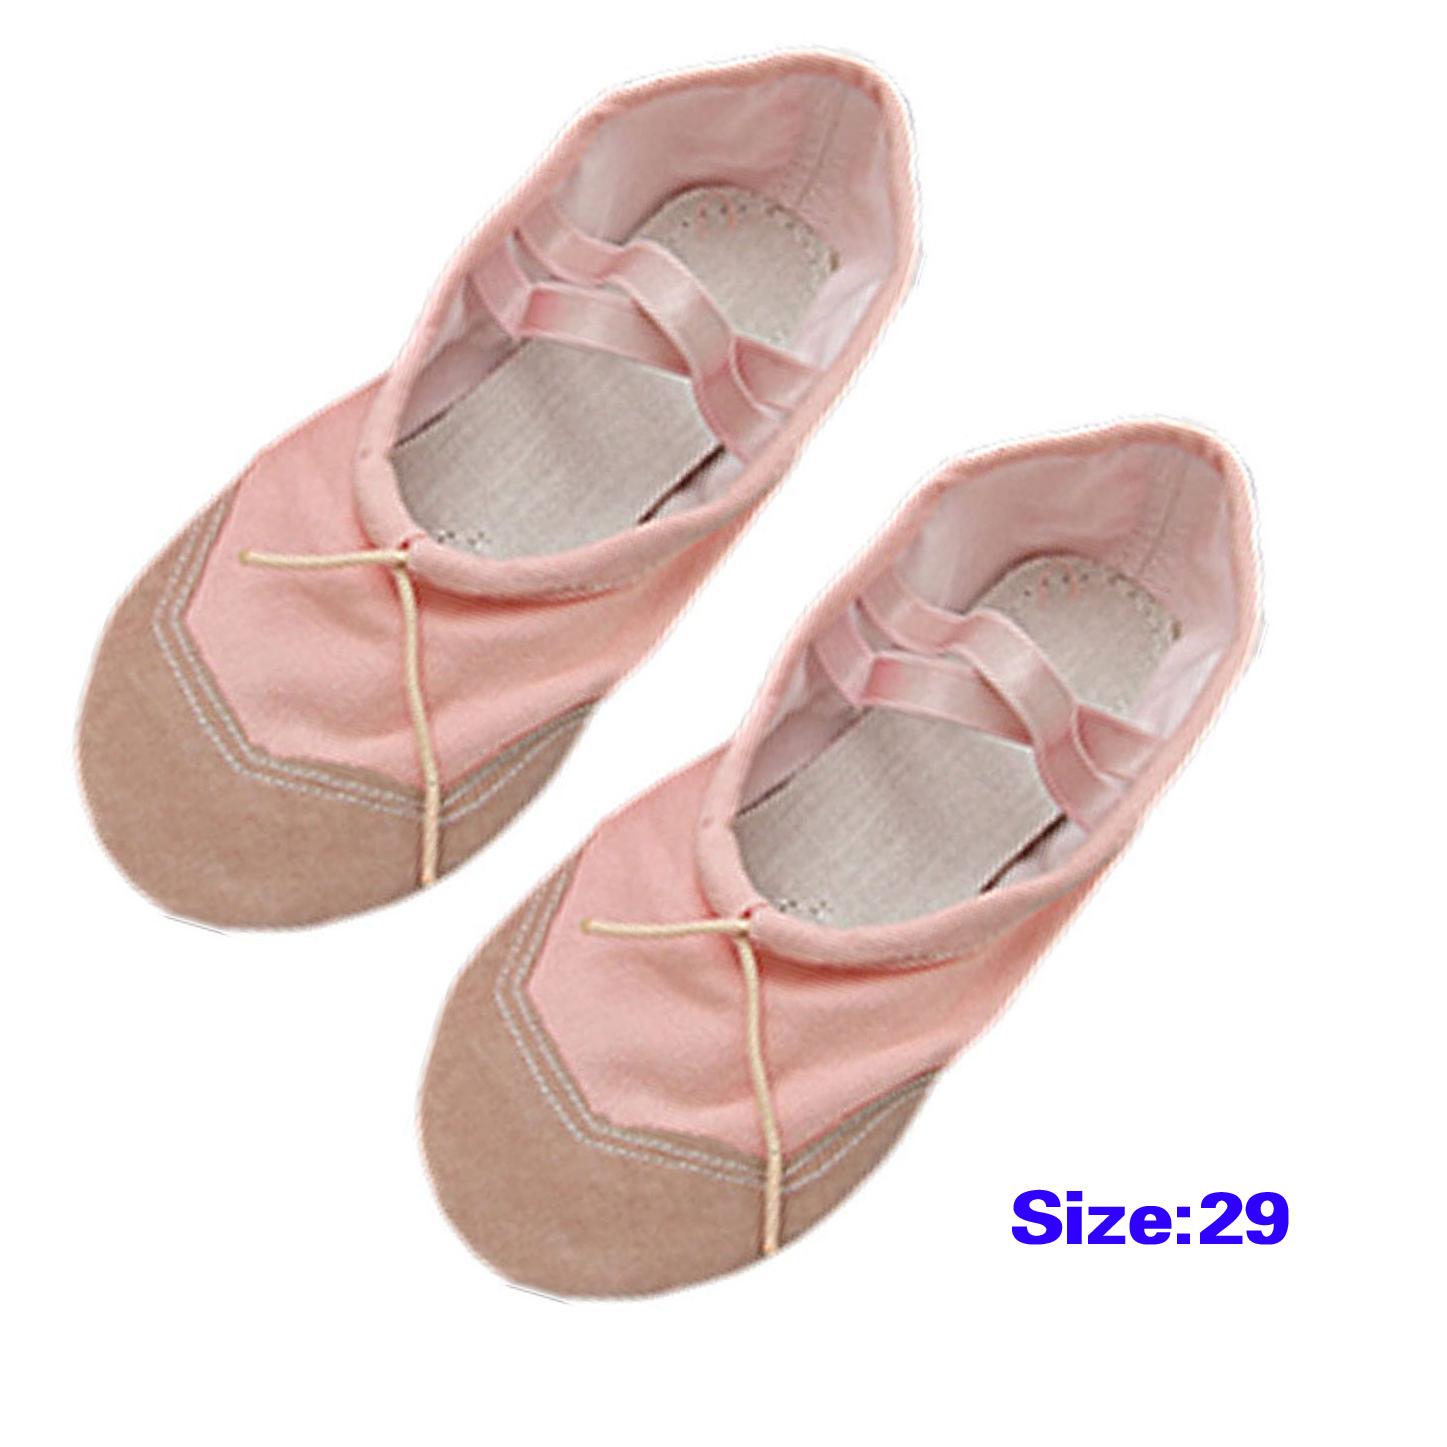 Bm Dm Shoe Size